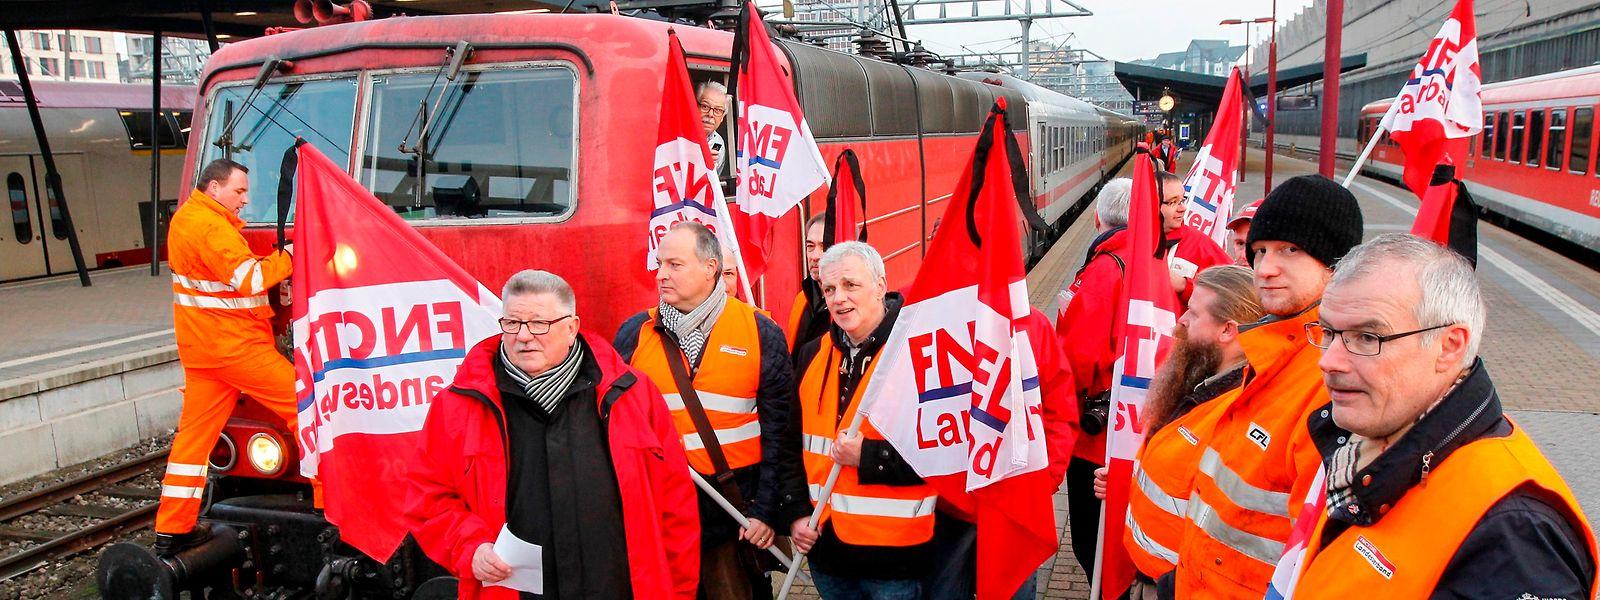 21.11. Gare Luxemburg / Der letzte Intercity der DB , Nordeich IC 133 , verlaesst Bahnsteig 9 / Demo FNCTTFEL , Landesverband protestiert Foto: Guy Jallay